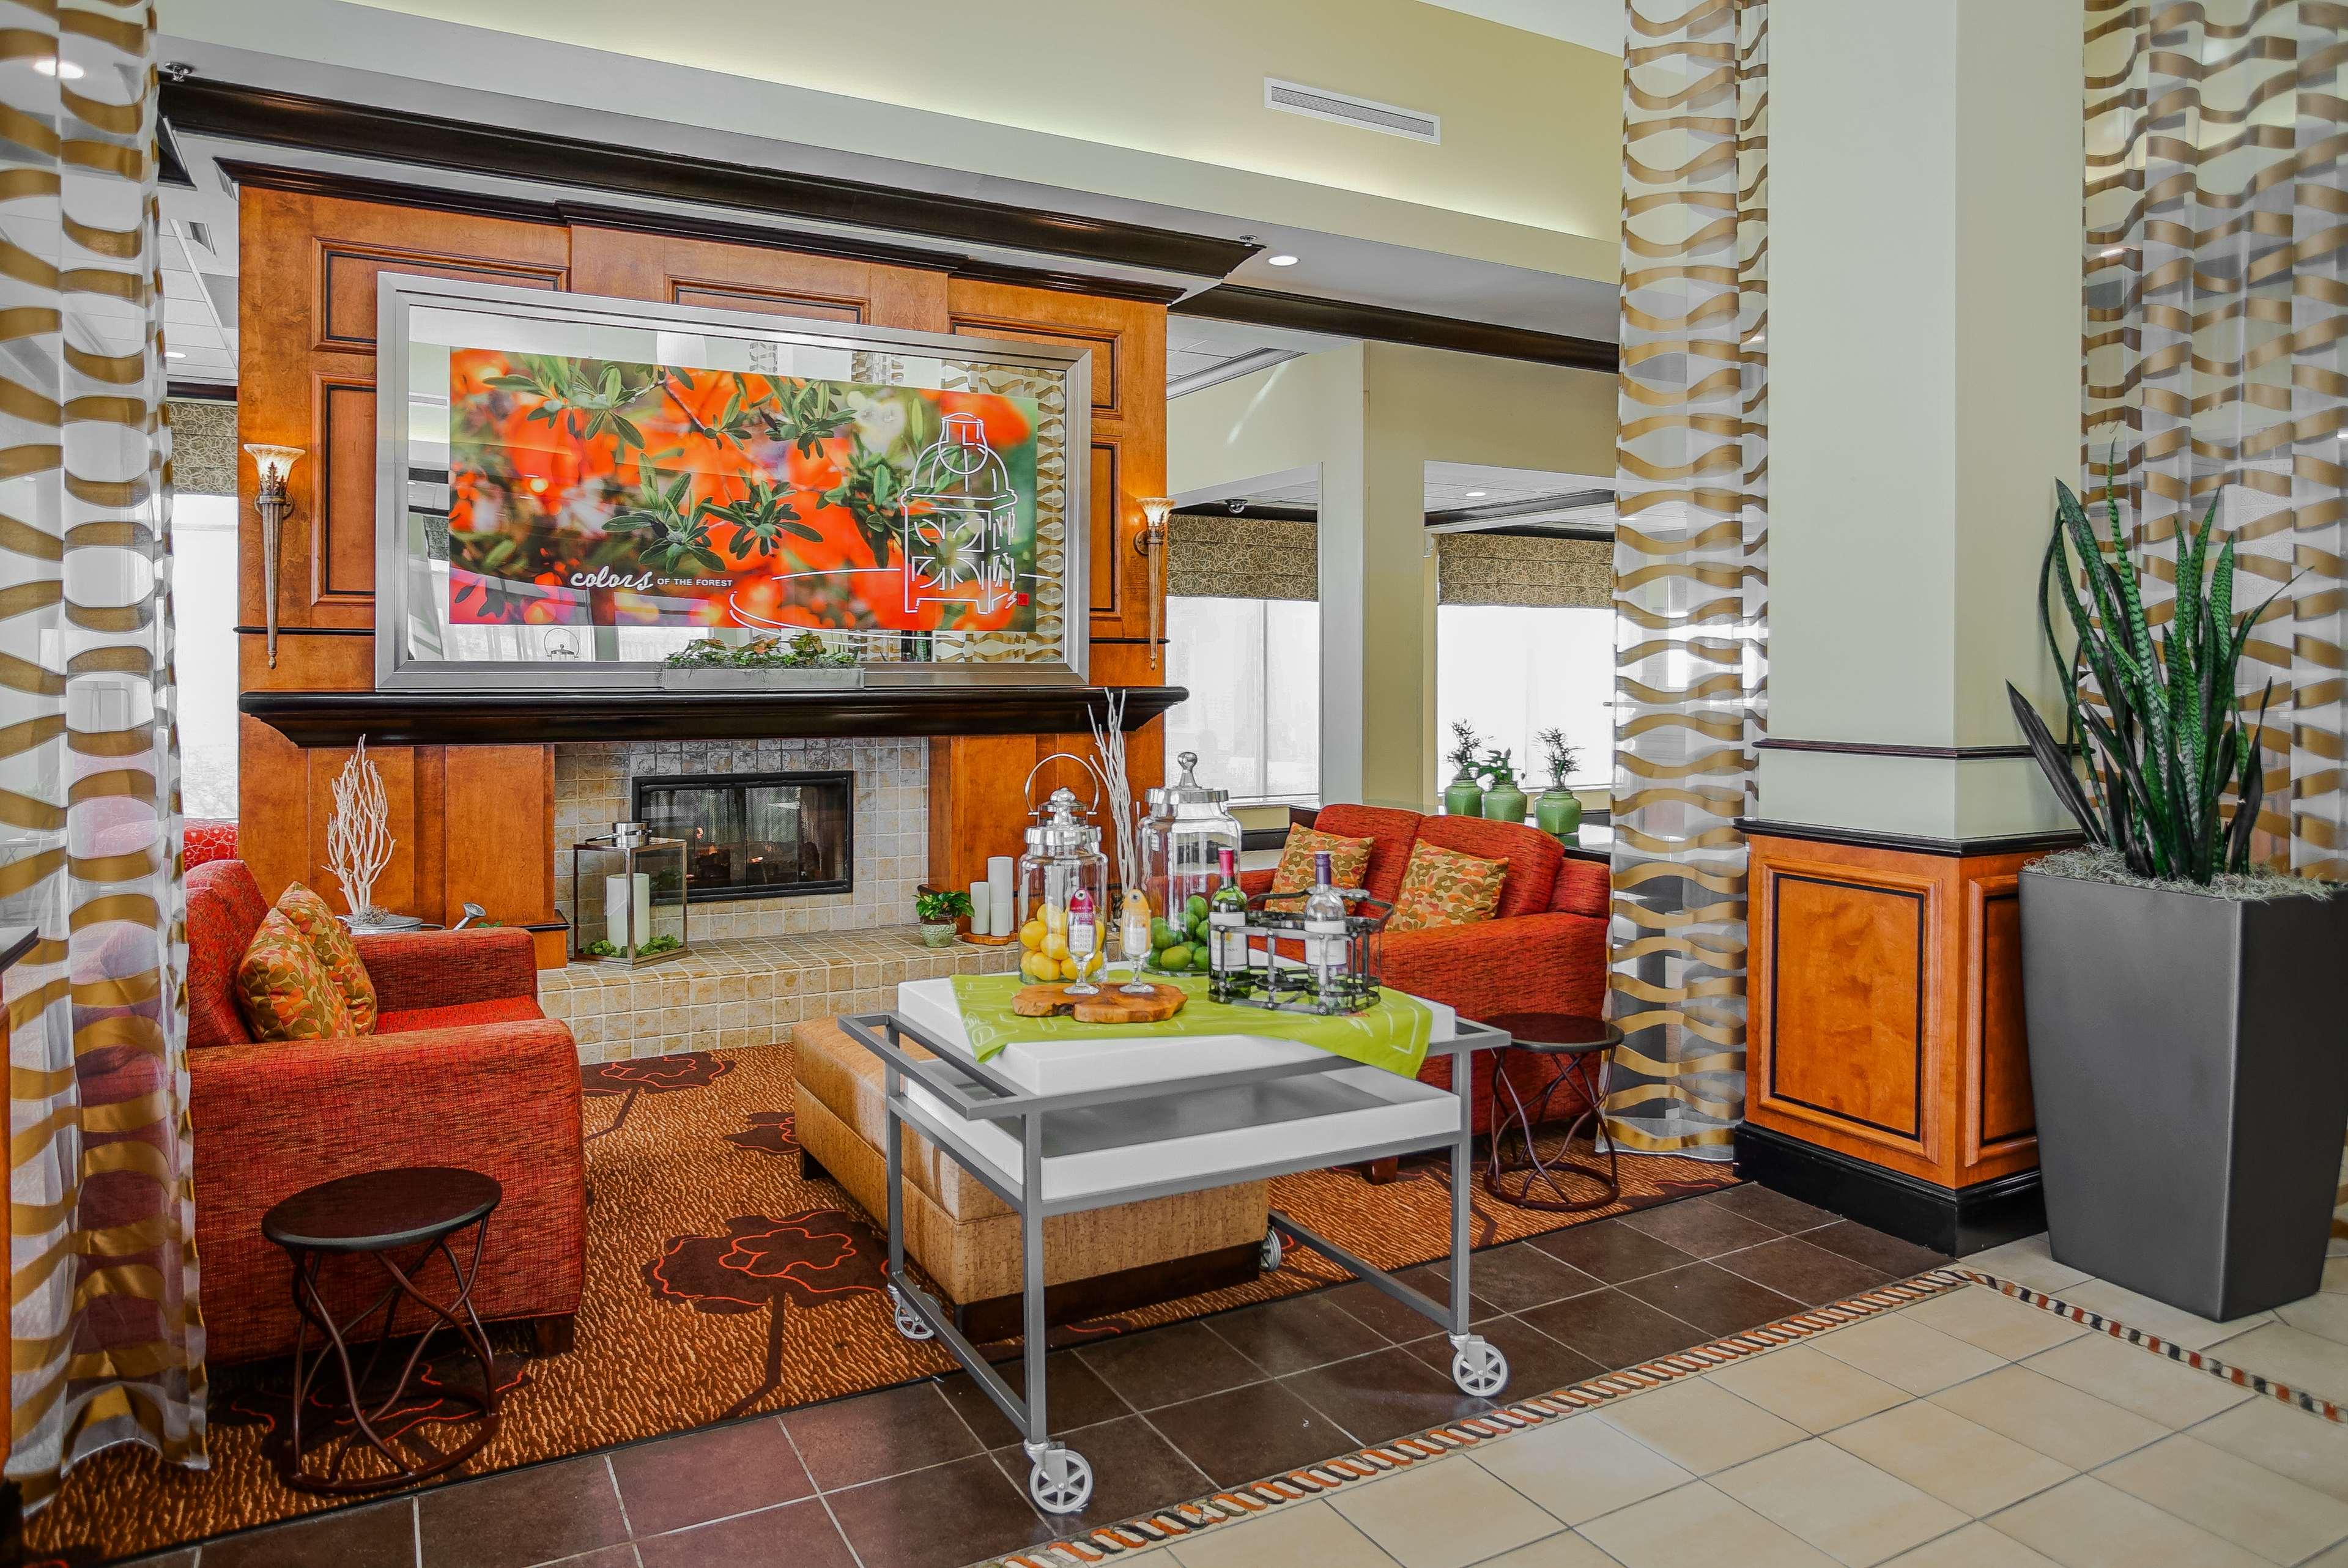 Hilton Garden Inn Kankakee In Kankakee Il 60901